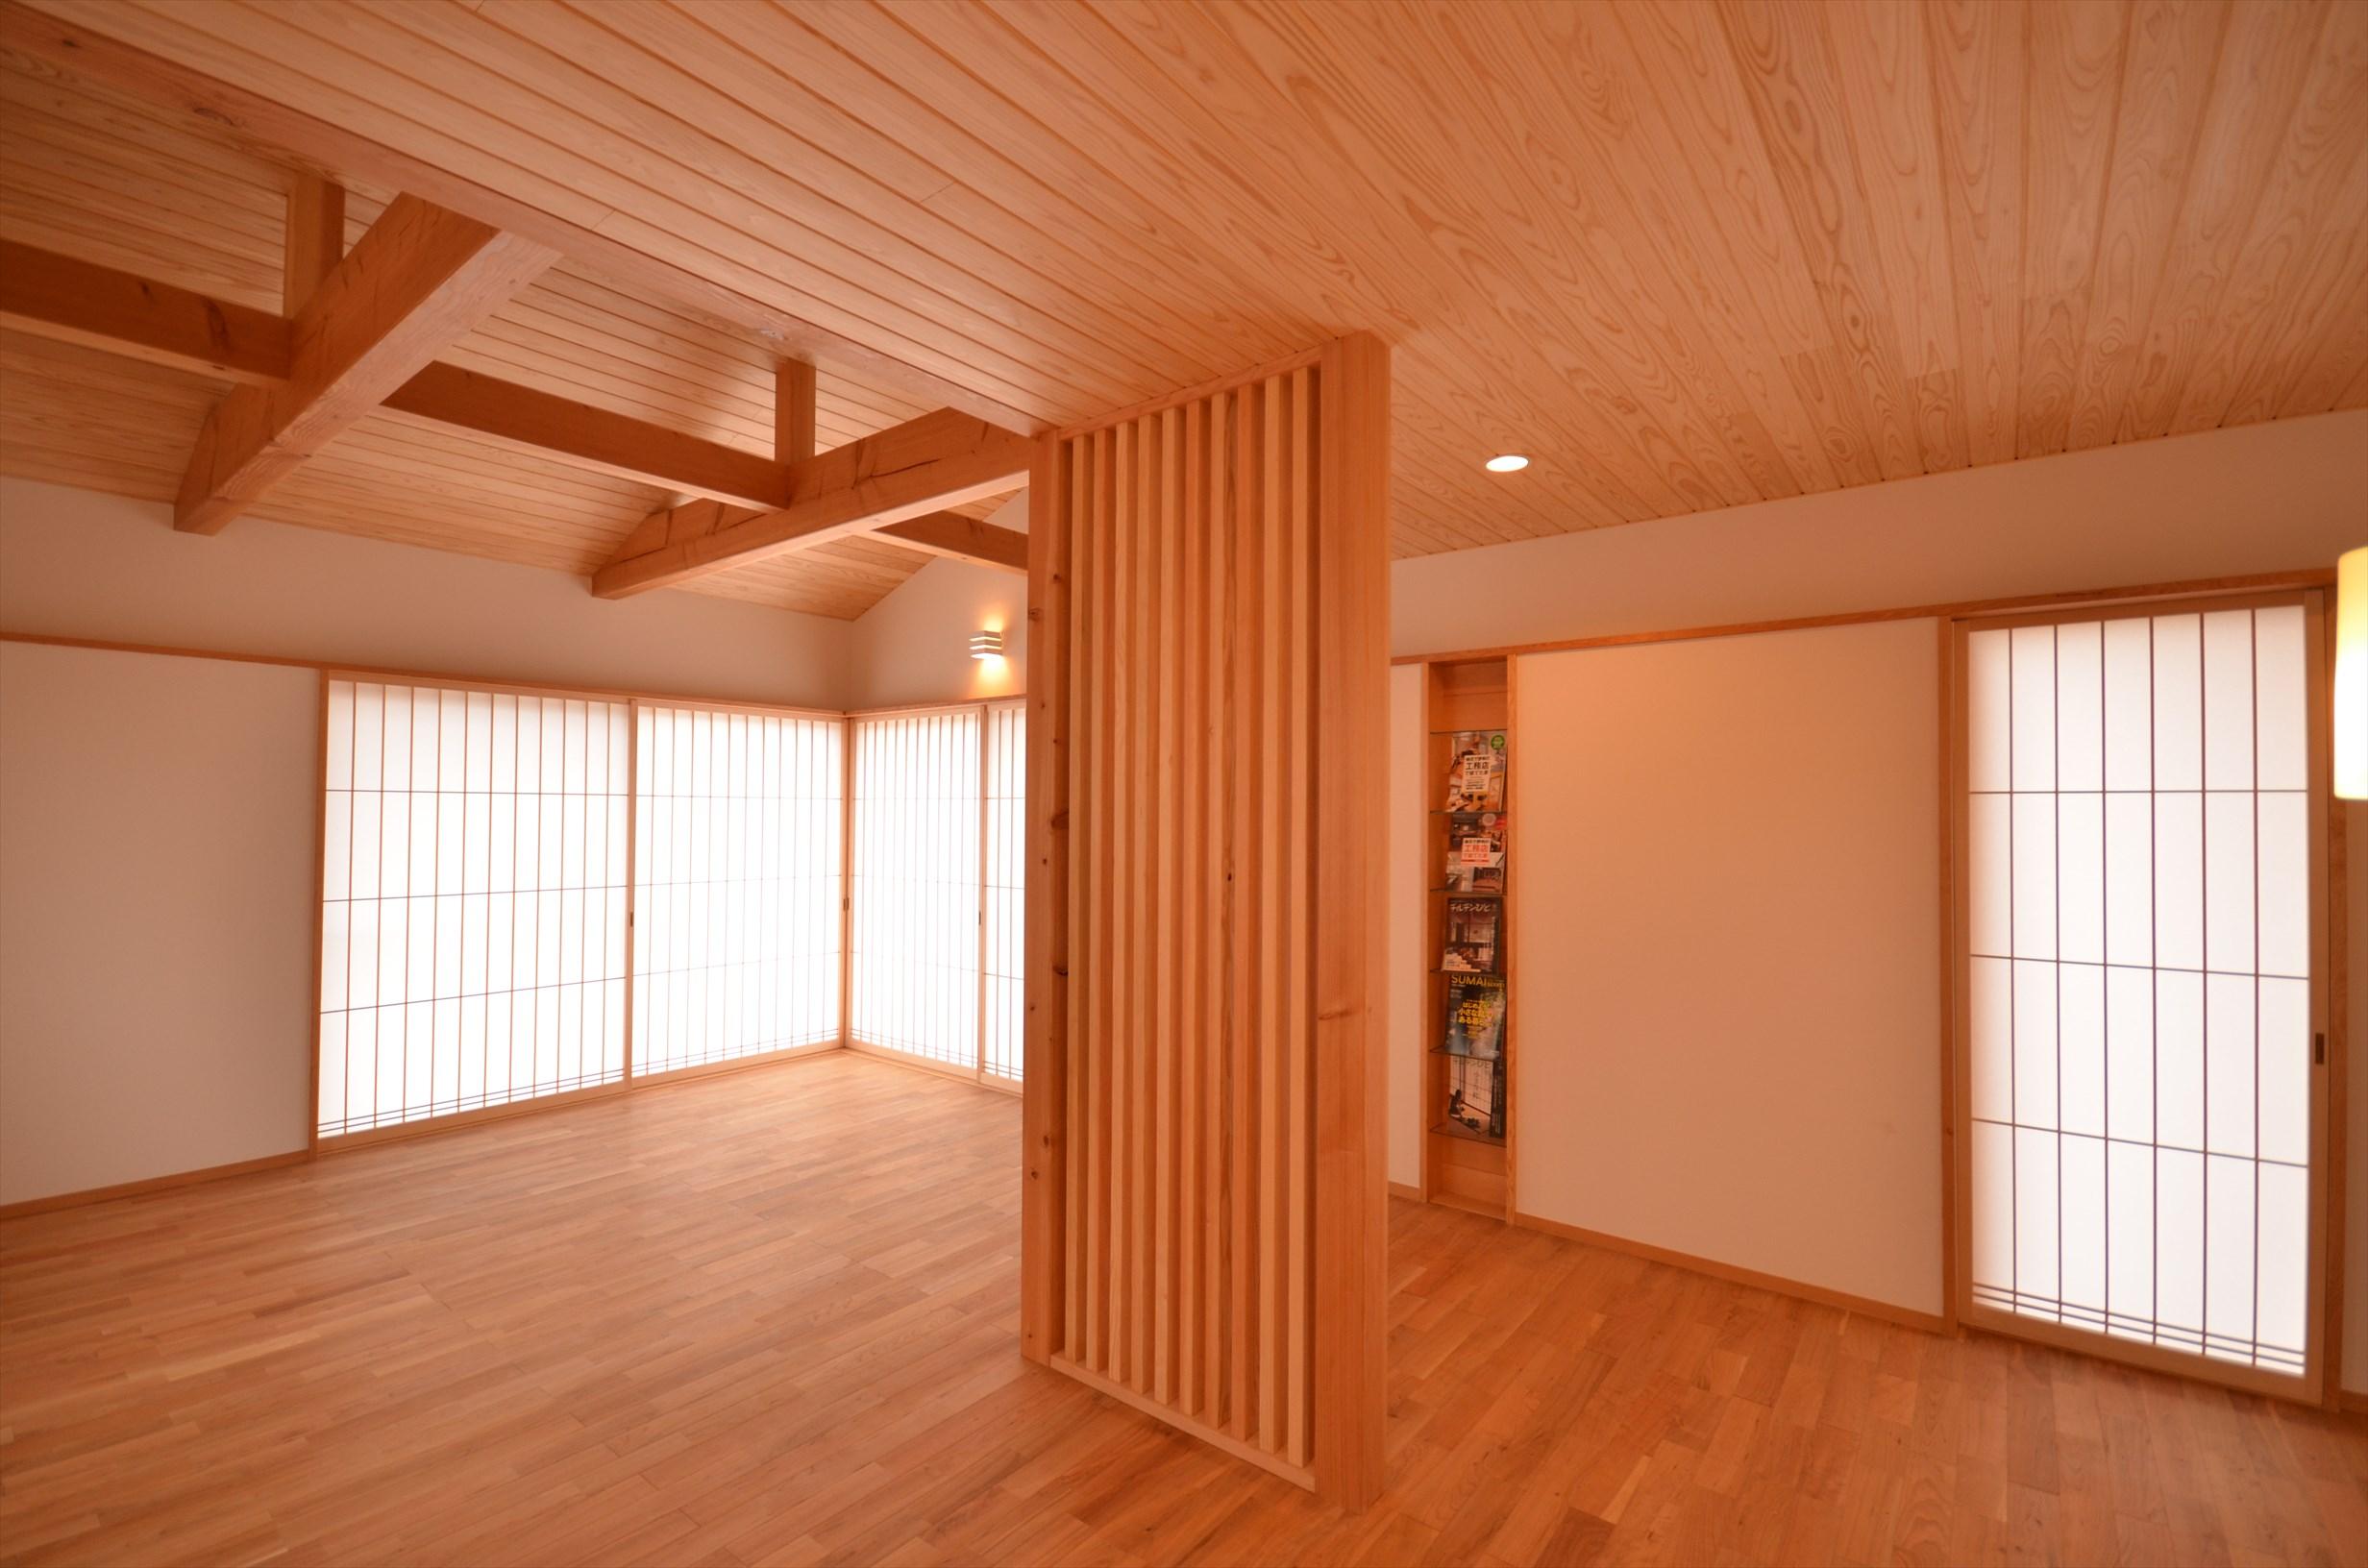 自然素材を使った屋根組と開放的ホールが特徴の家